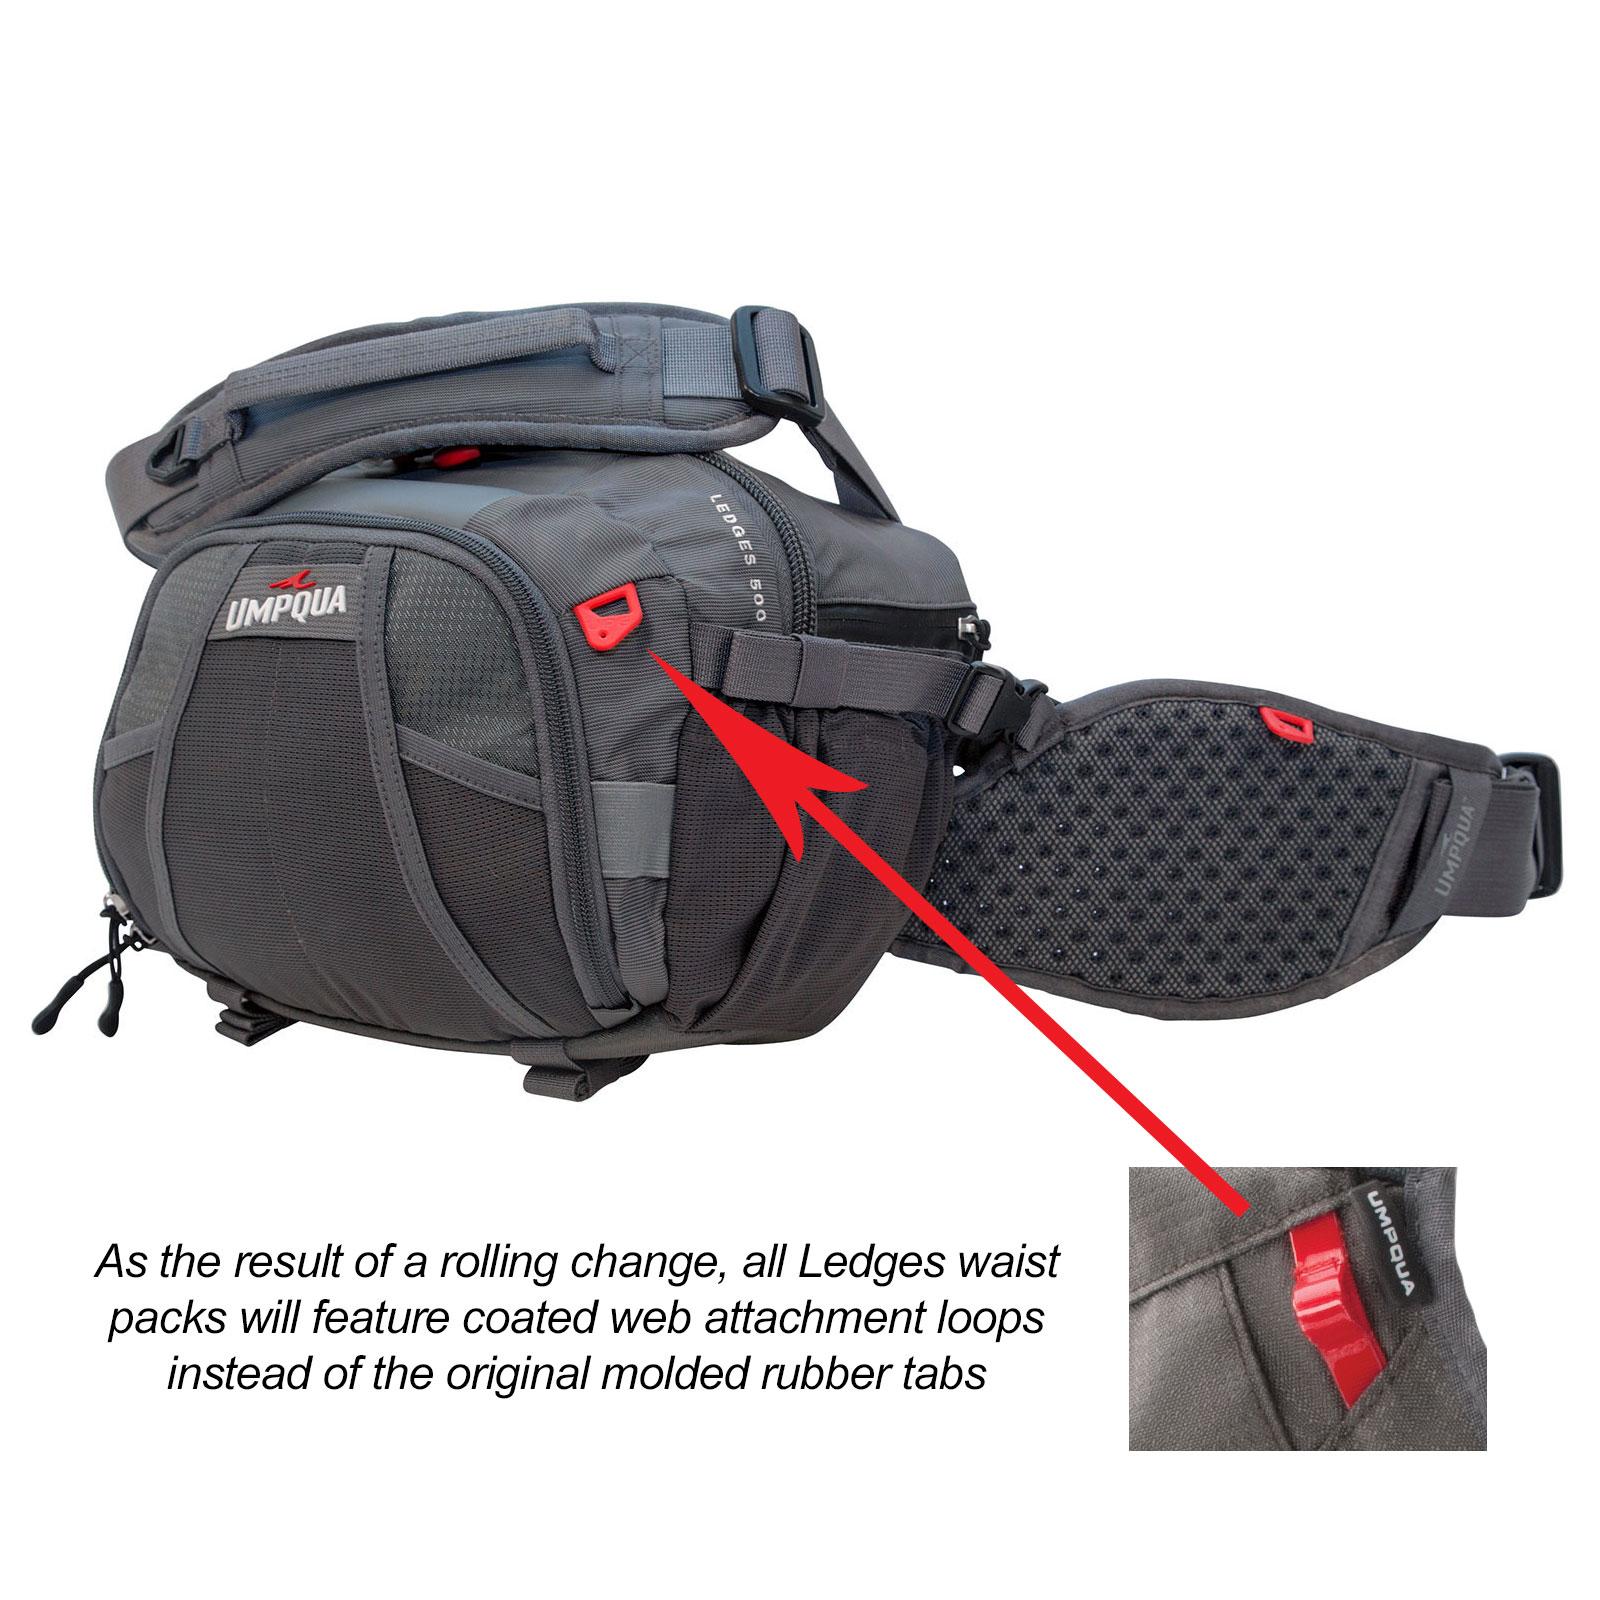 Umpqua ledges 500 waist pack for fly fishing bag new ebay for Fly fishing packs